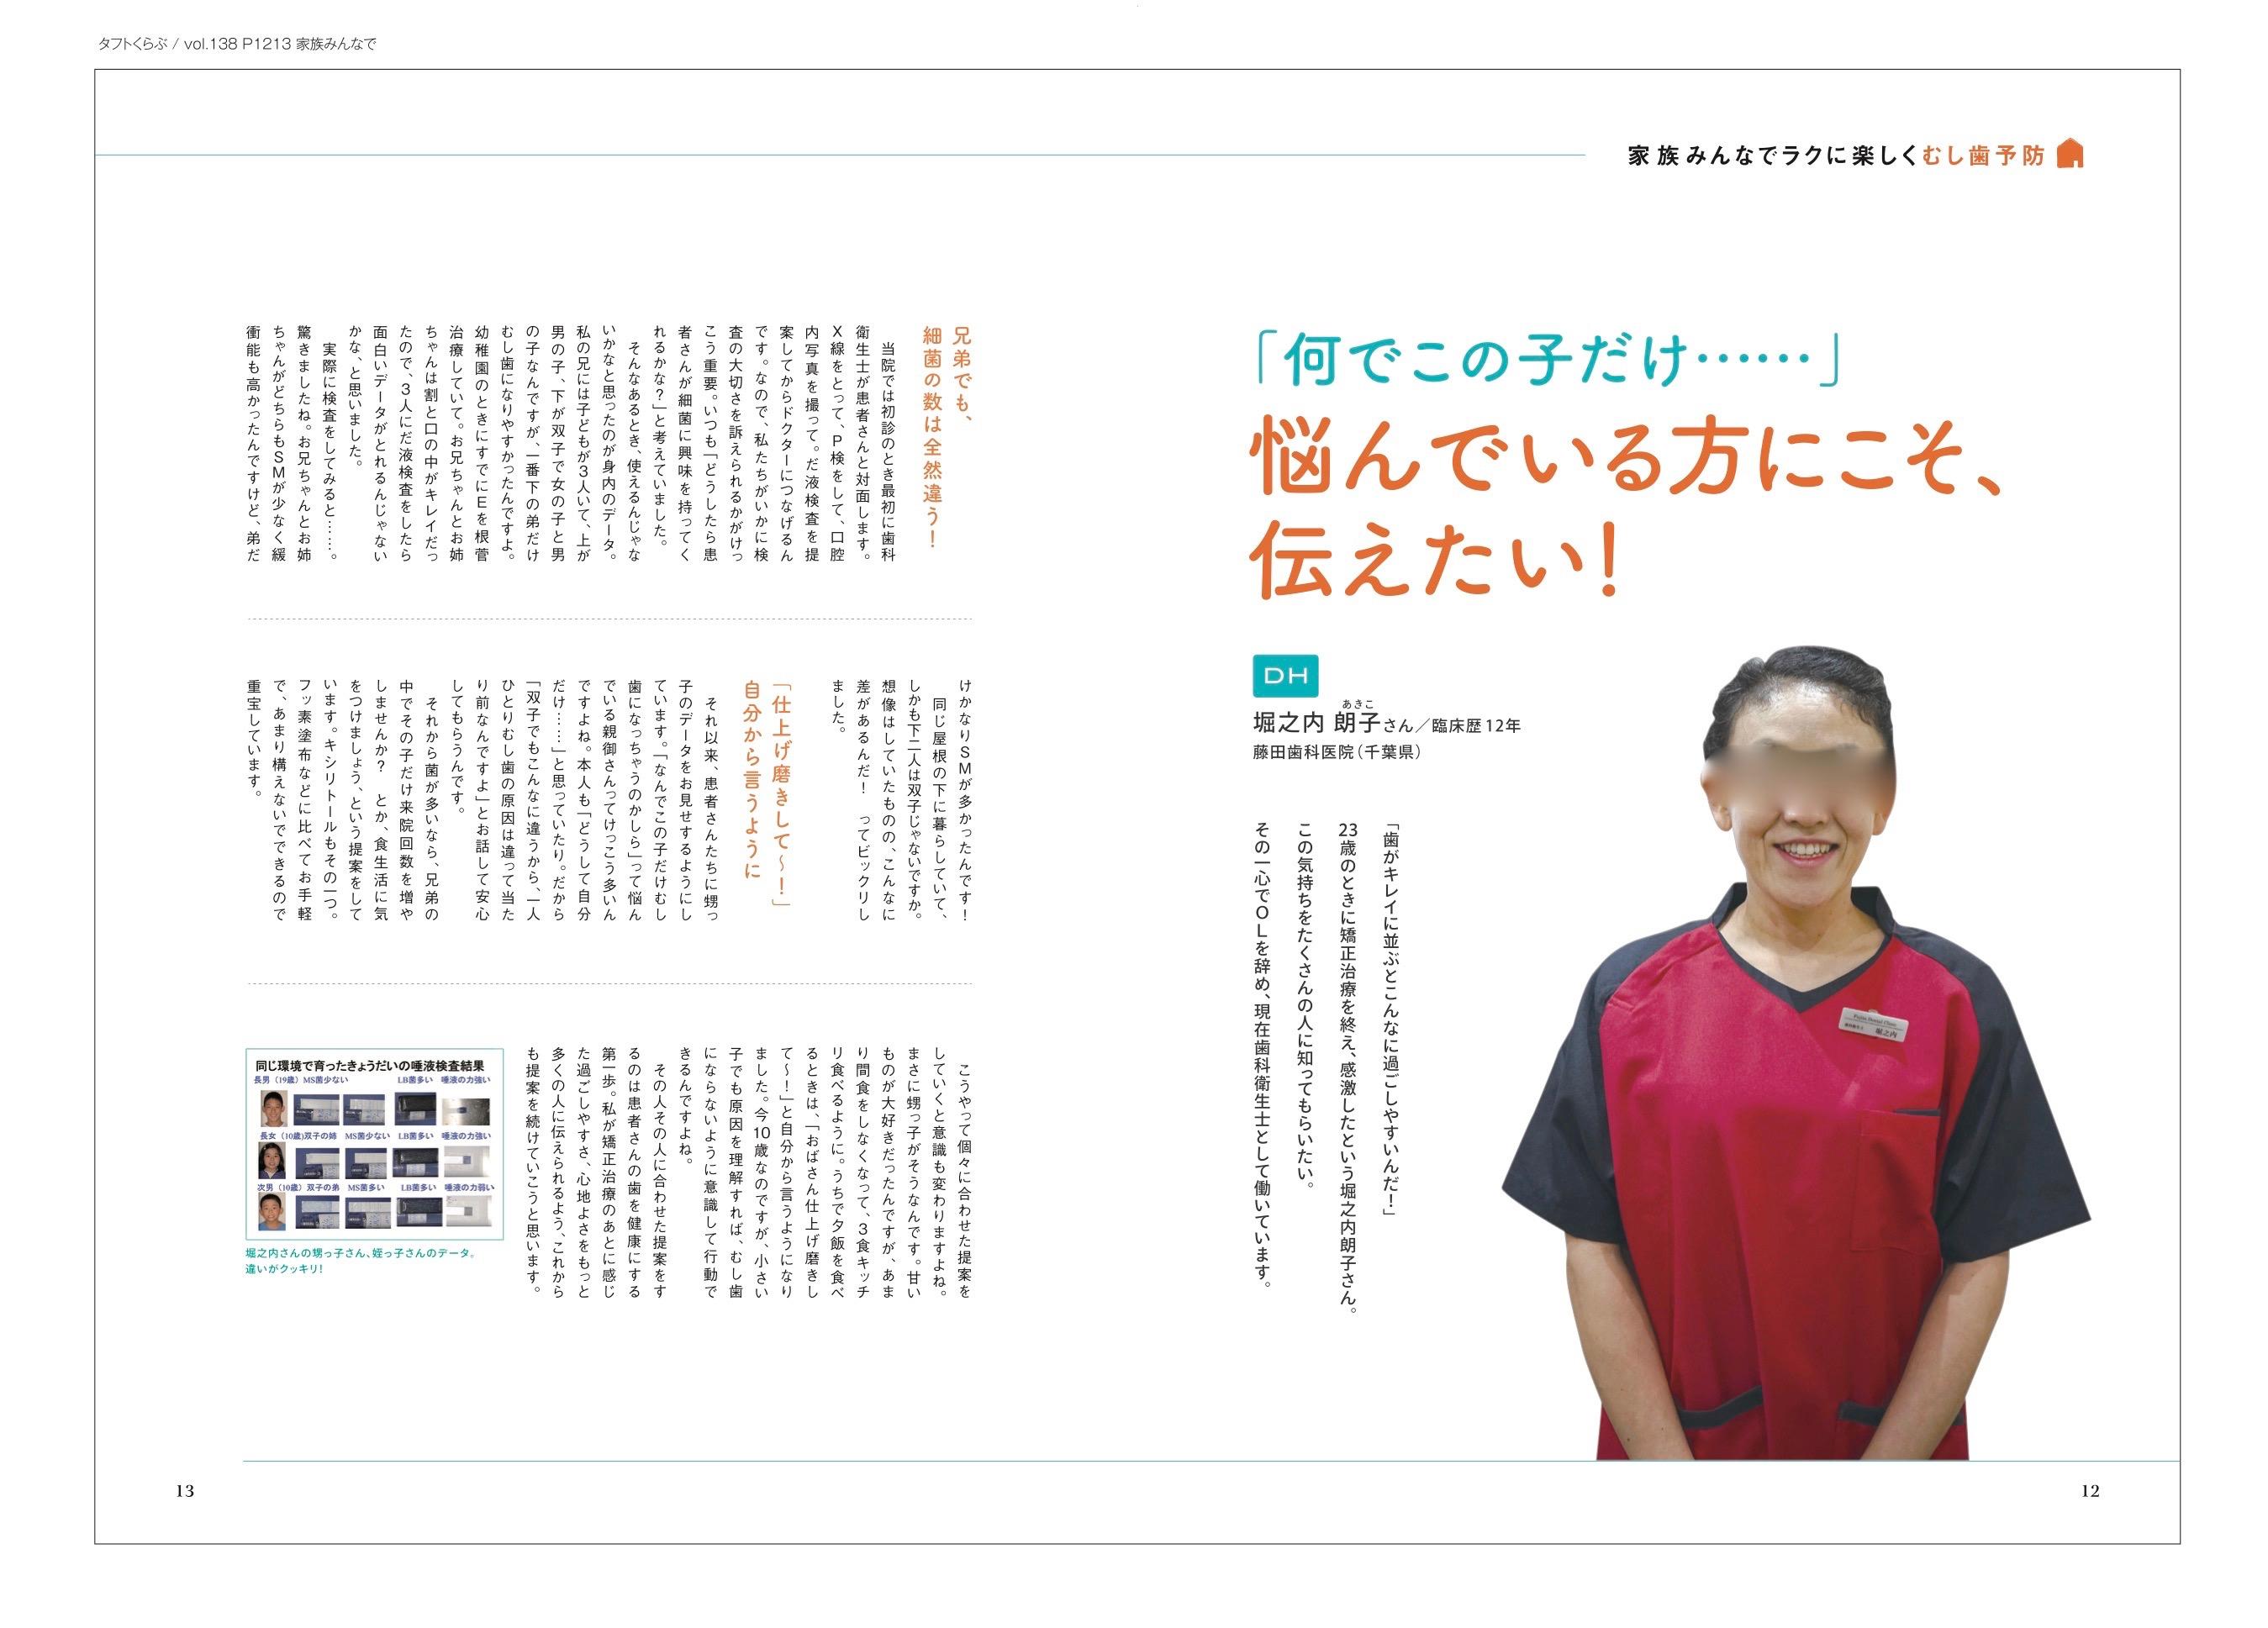 タフトくらぶ138号記事_1013 (1).jpg